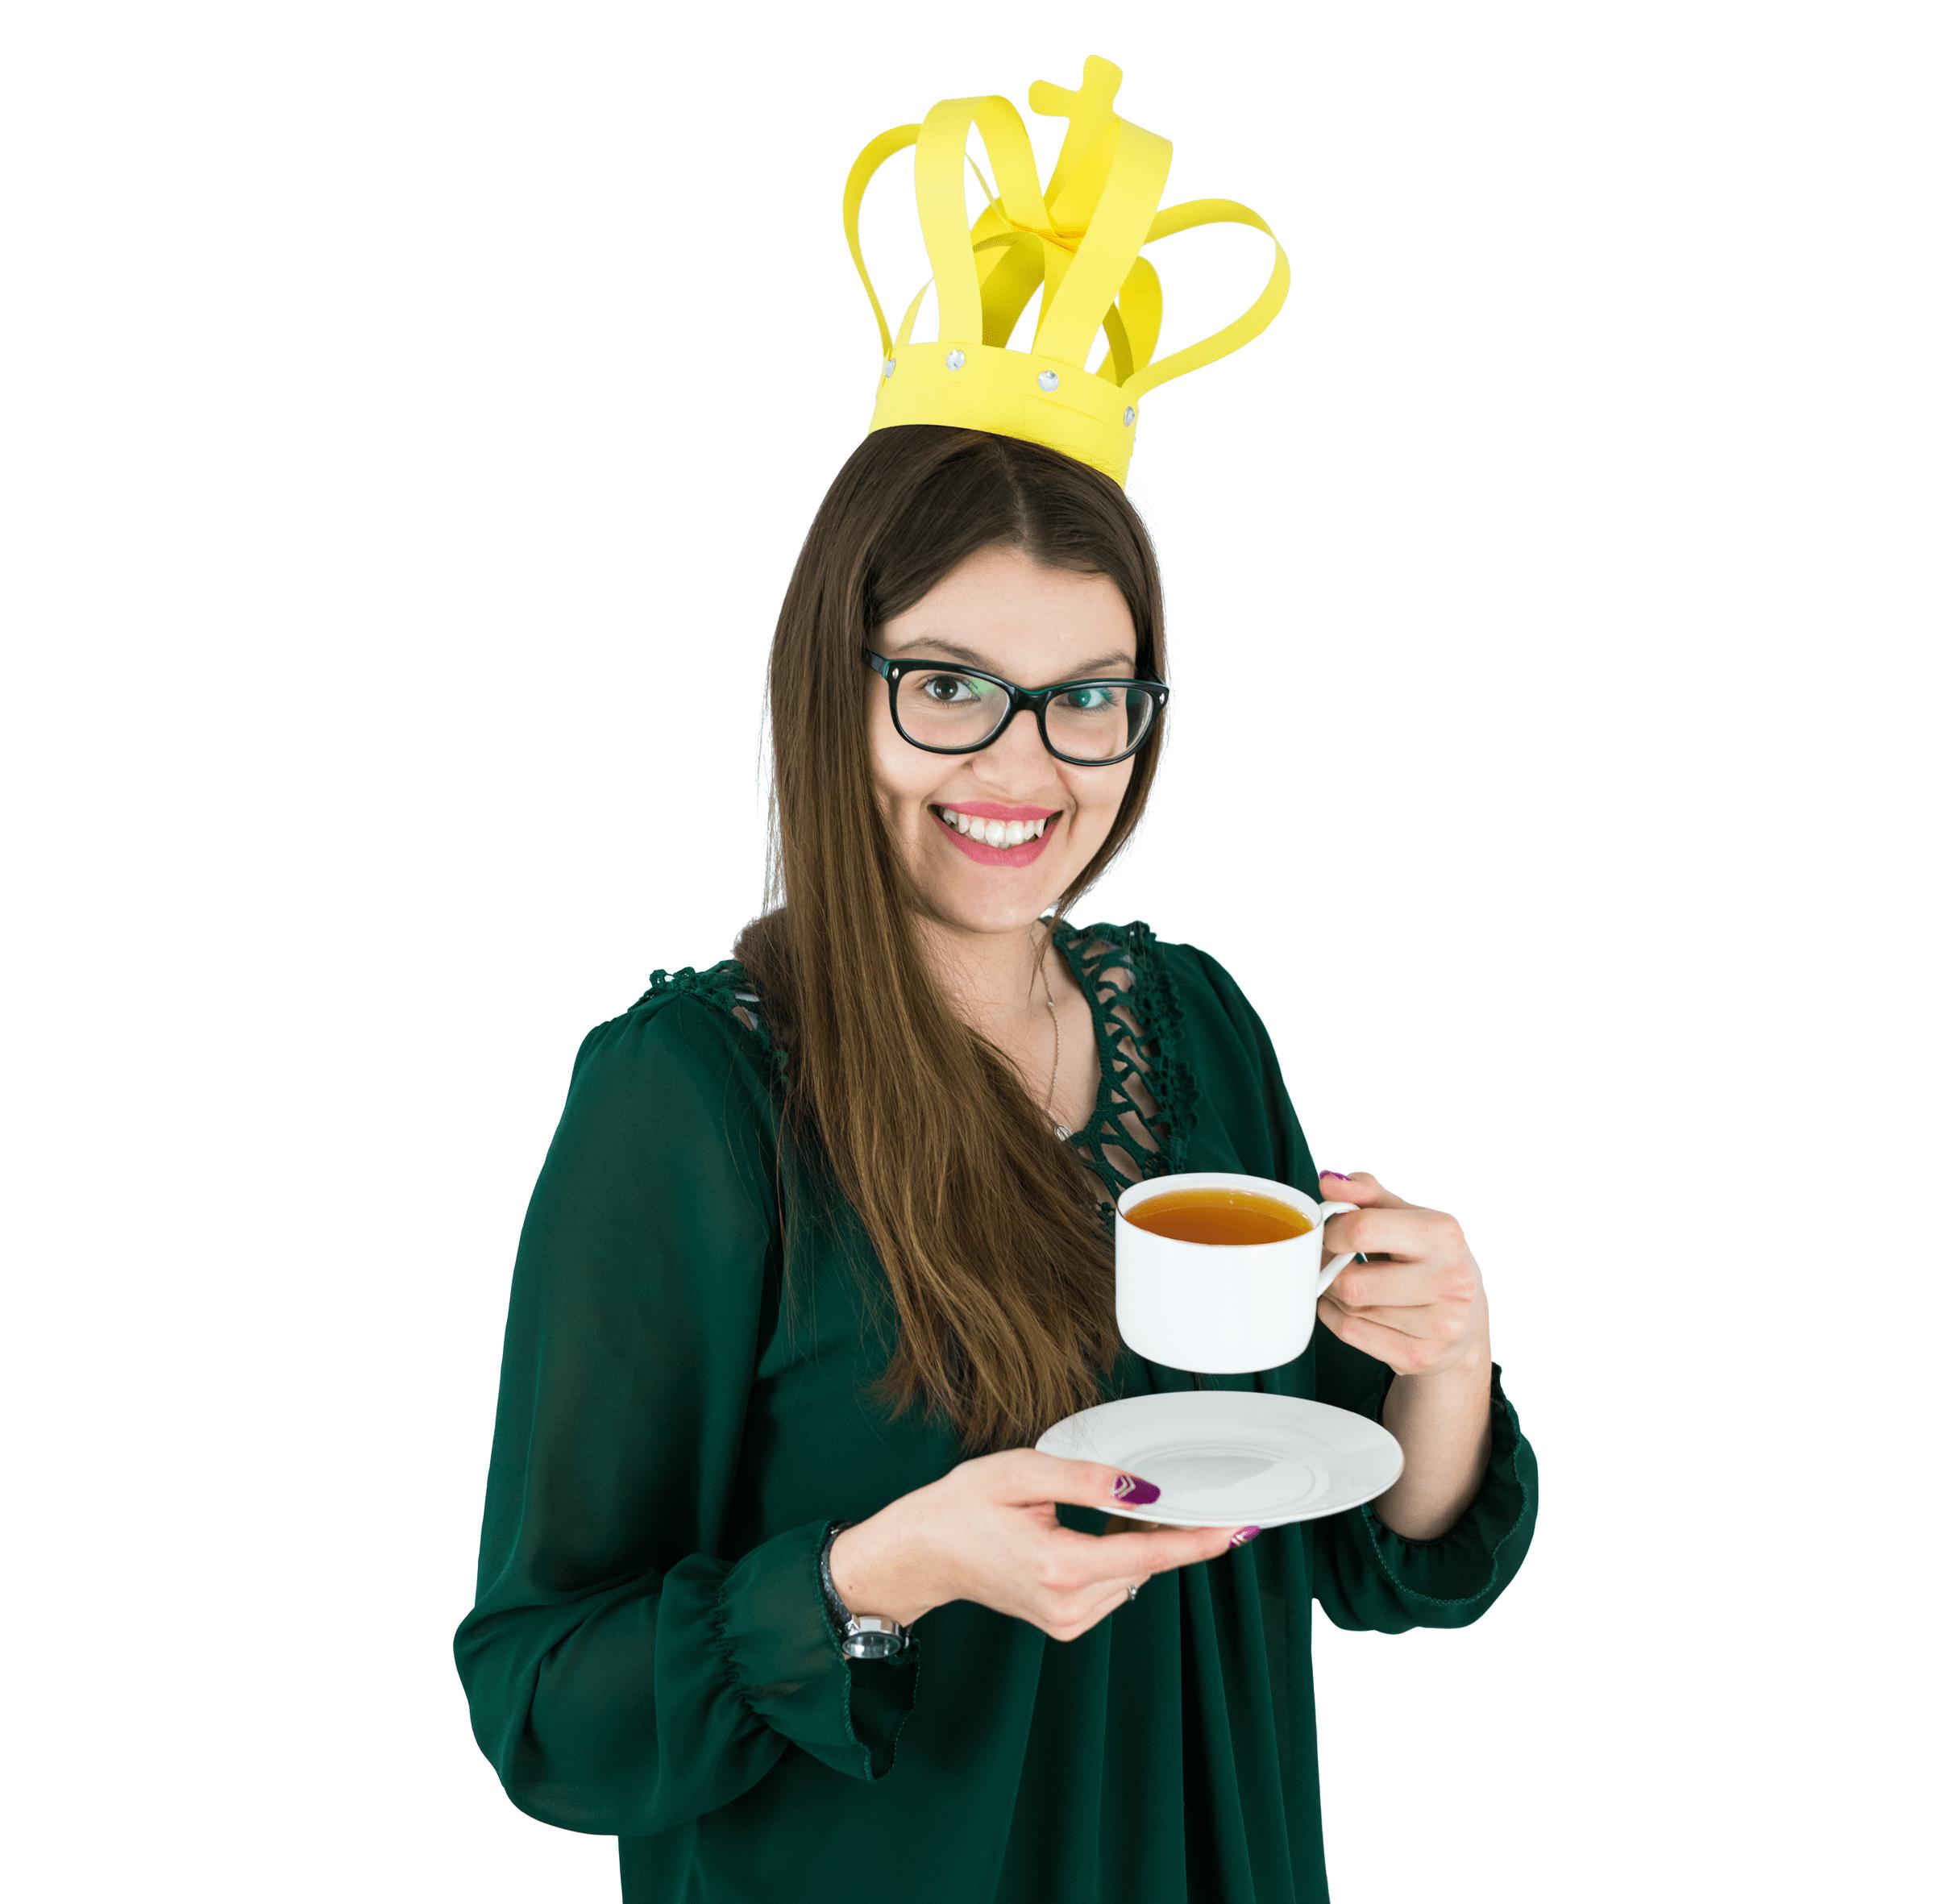 Ekonomistka uwielbiająca kuchenne eksperymenty, która bez zająknięcia opowie Wam ze szczegółami życiorys każdego członka królewskiej rodziny Windsorów.